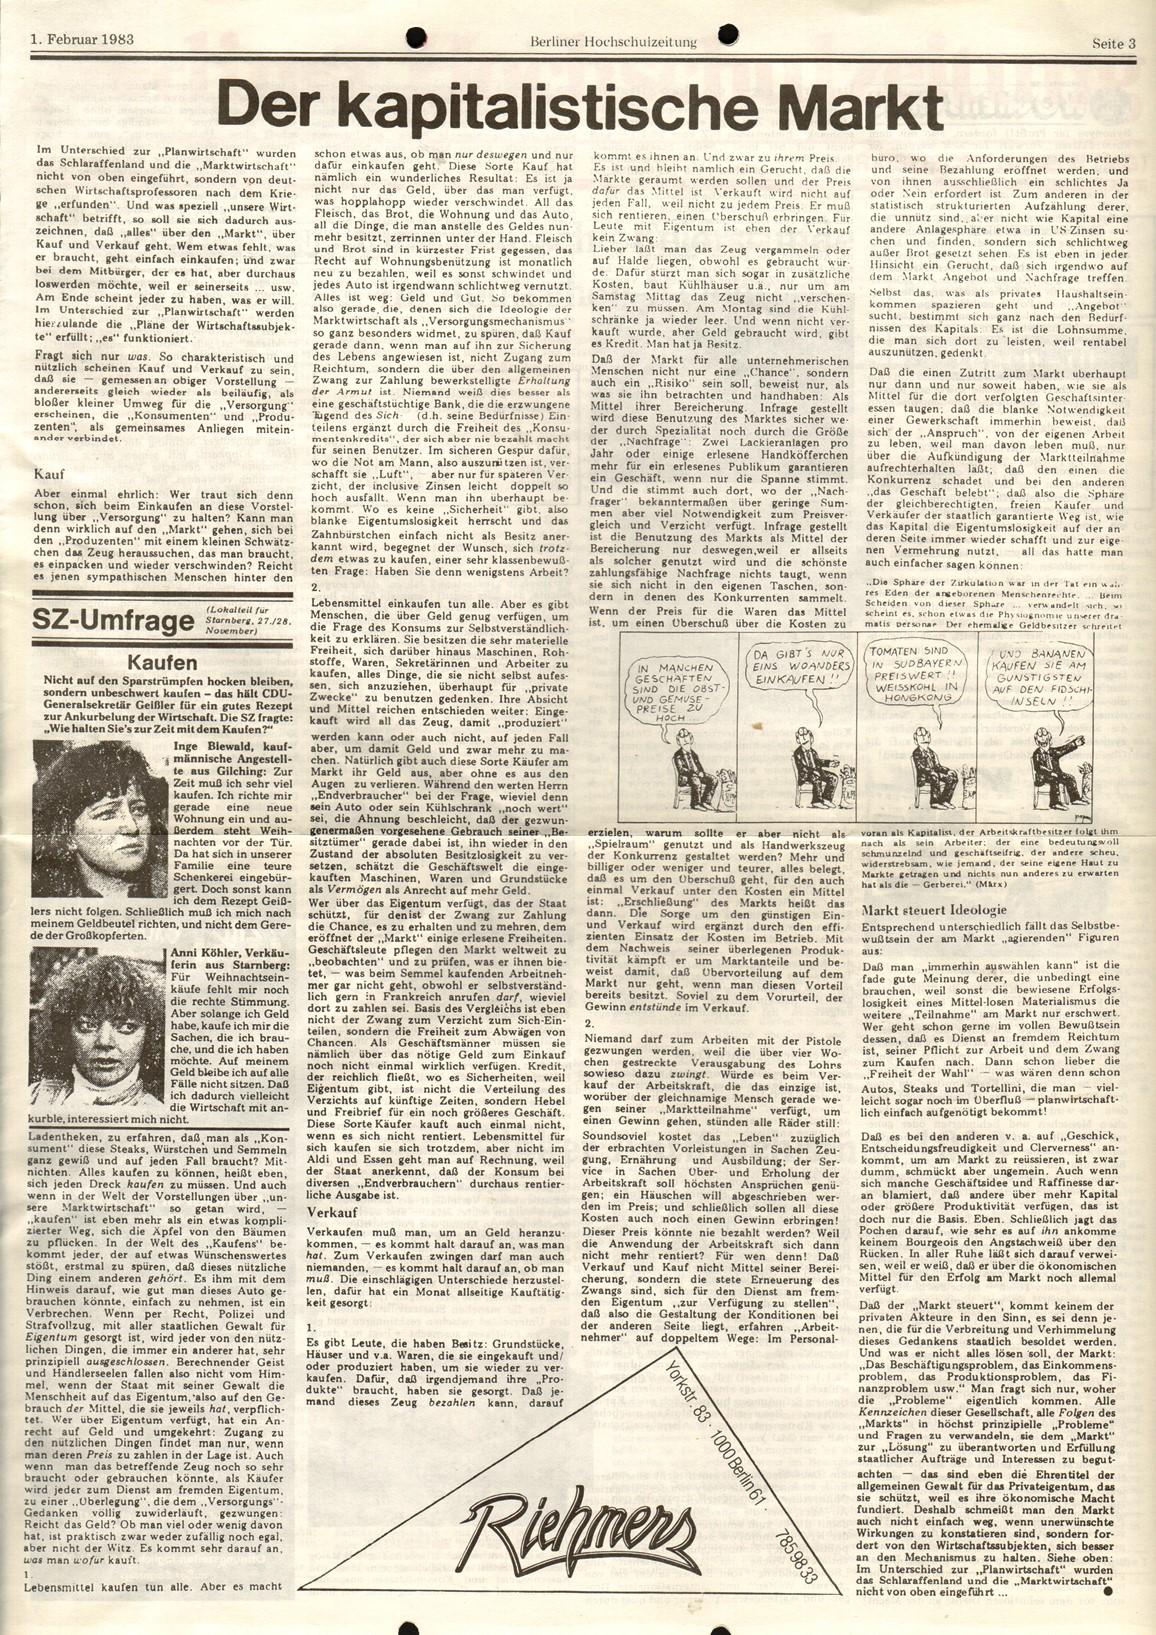 Berlin_MG_Hochschulzeitung_19830201_03